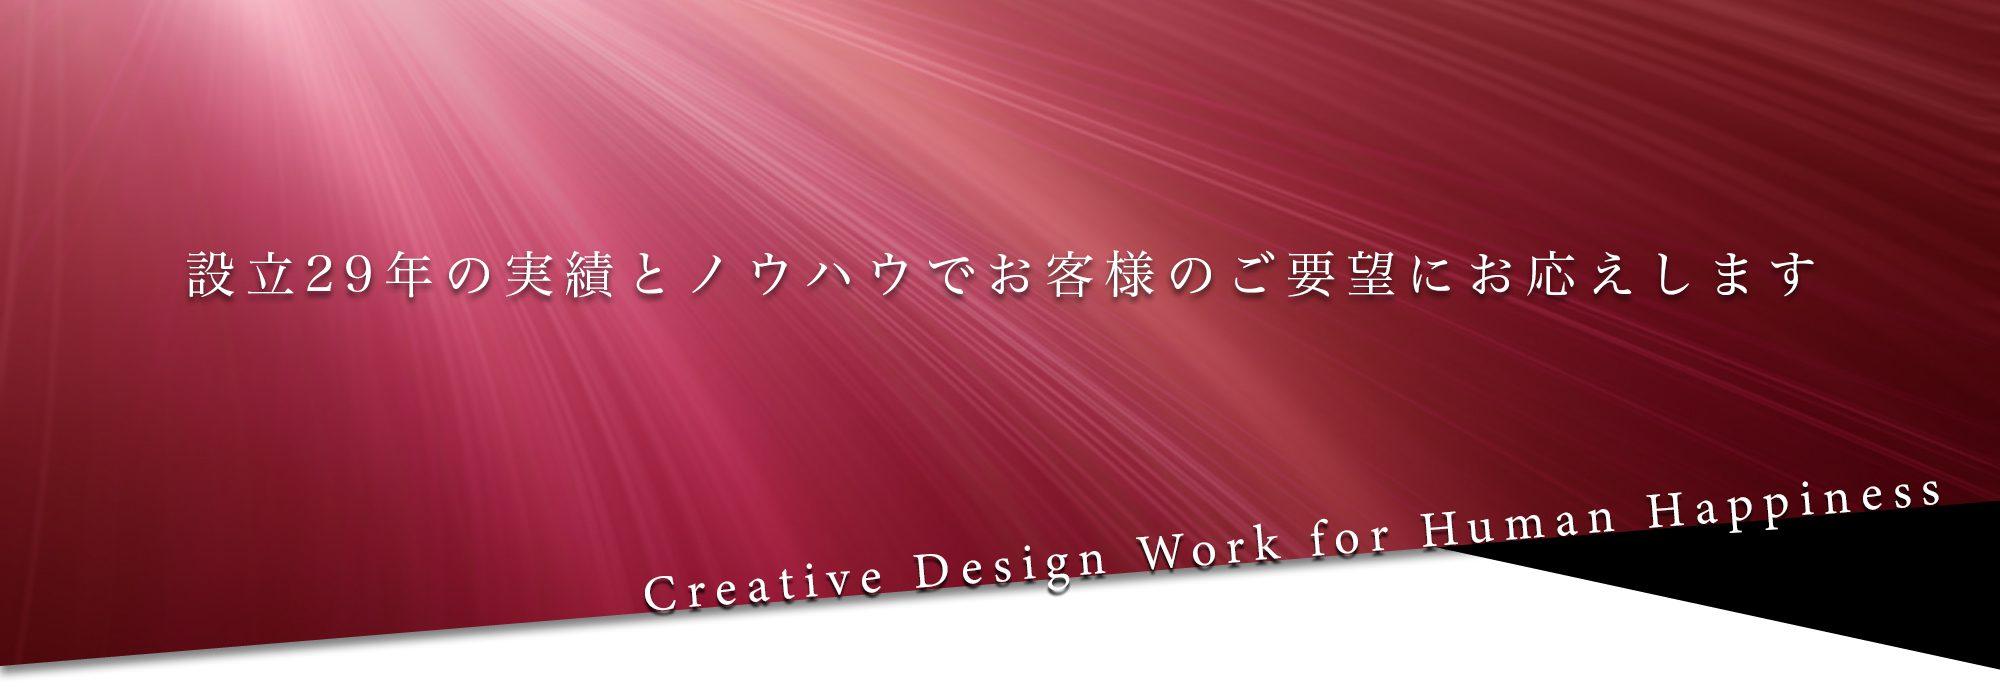 有限会社小林デザインワーク